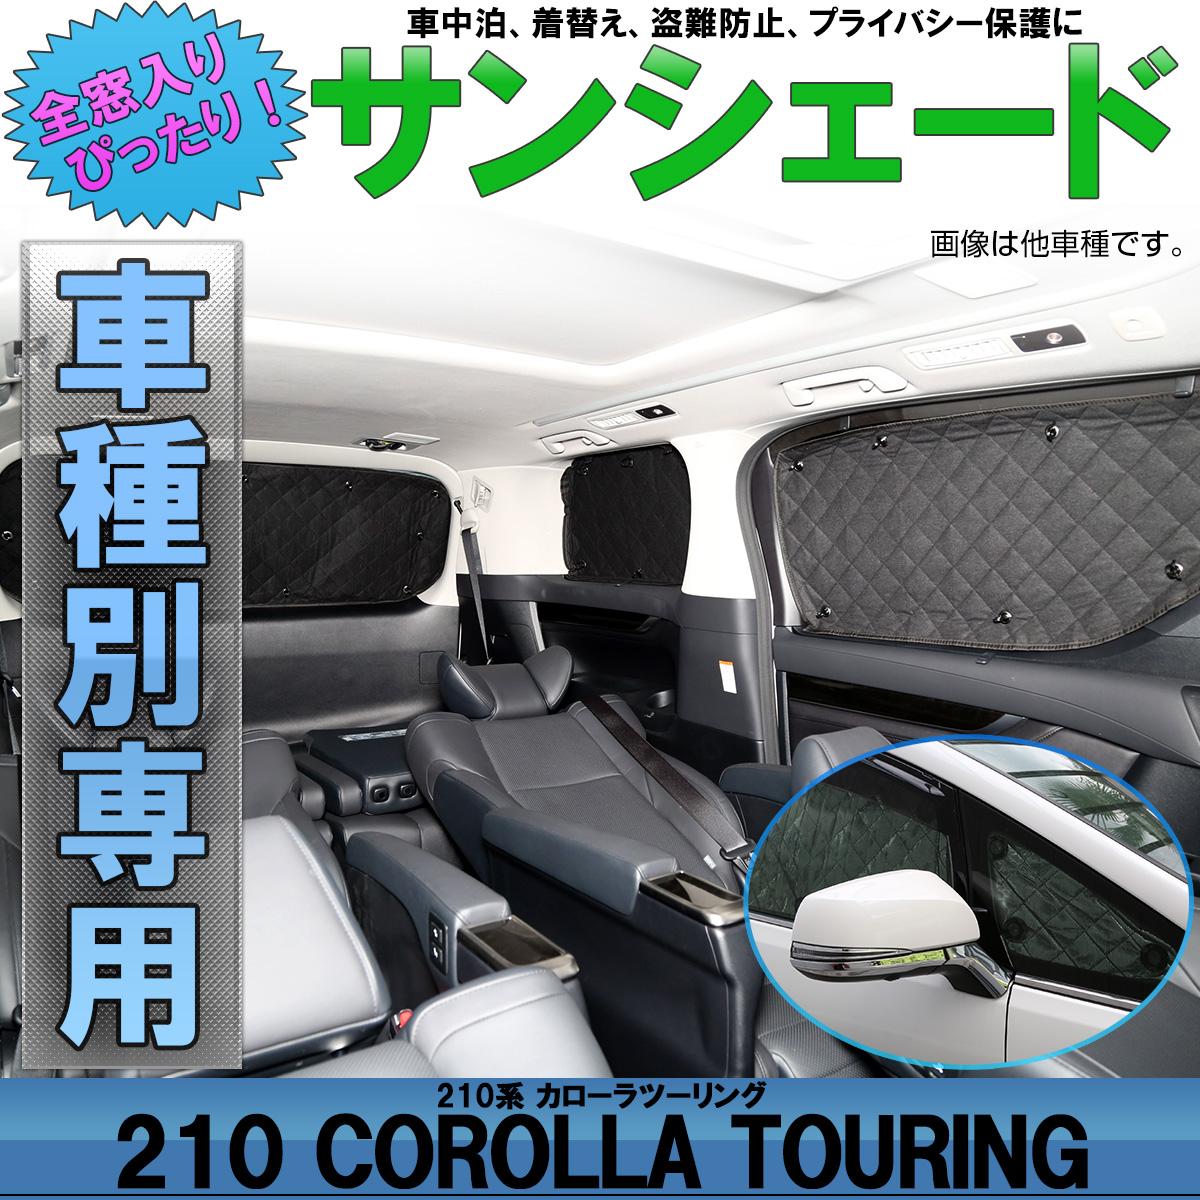 サンシェード 210系 カローラツーリング 全窓用 8枚セット 5層構造 ハイブリッド対応 ブラックメッシュ 車中泊 S-832